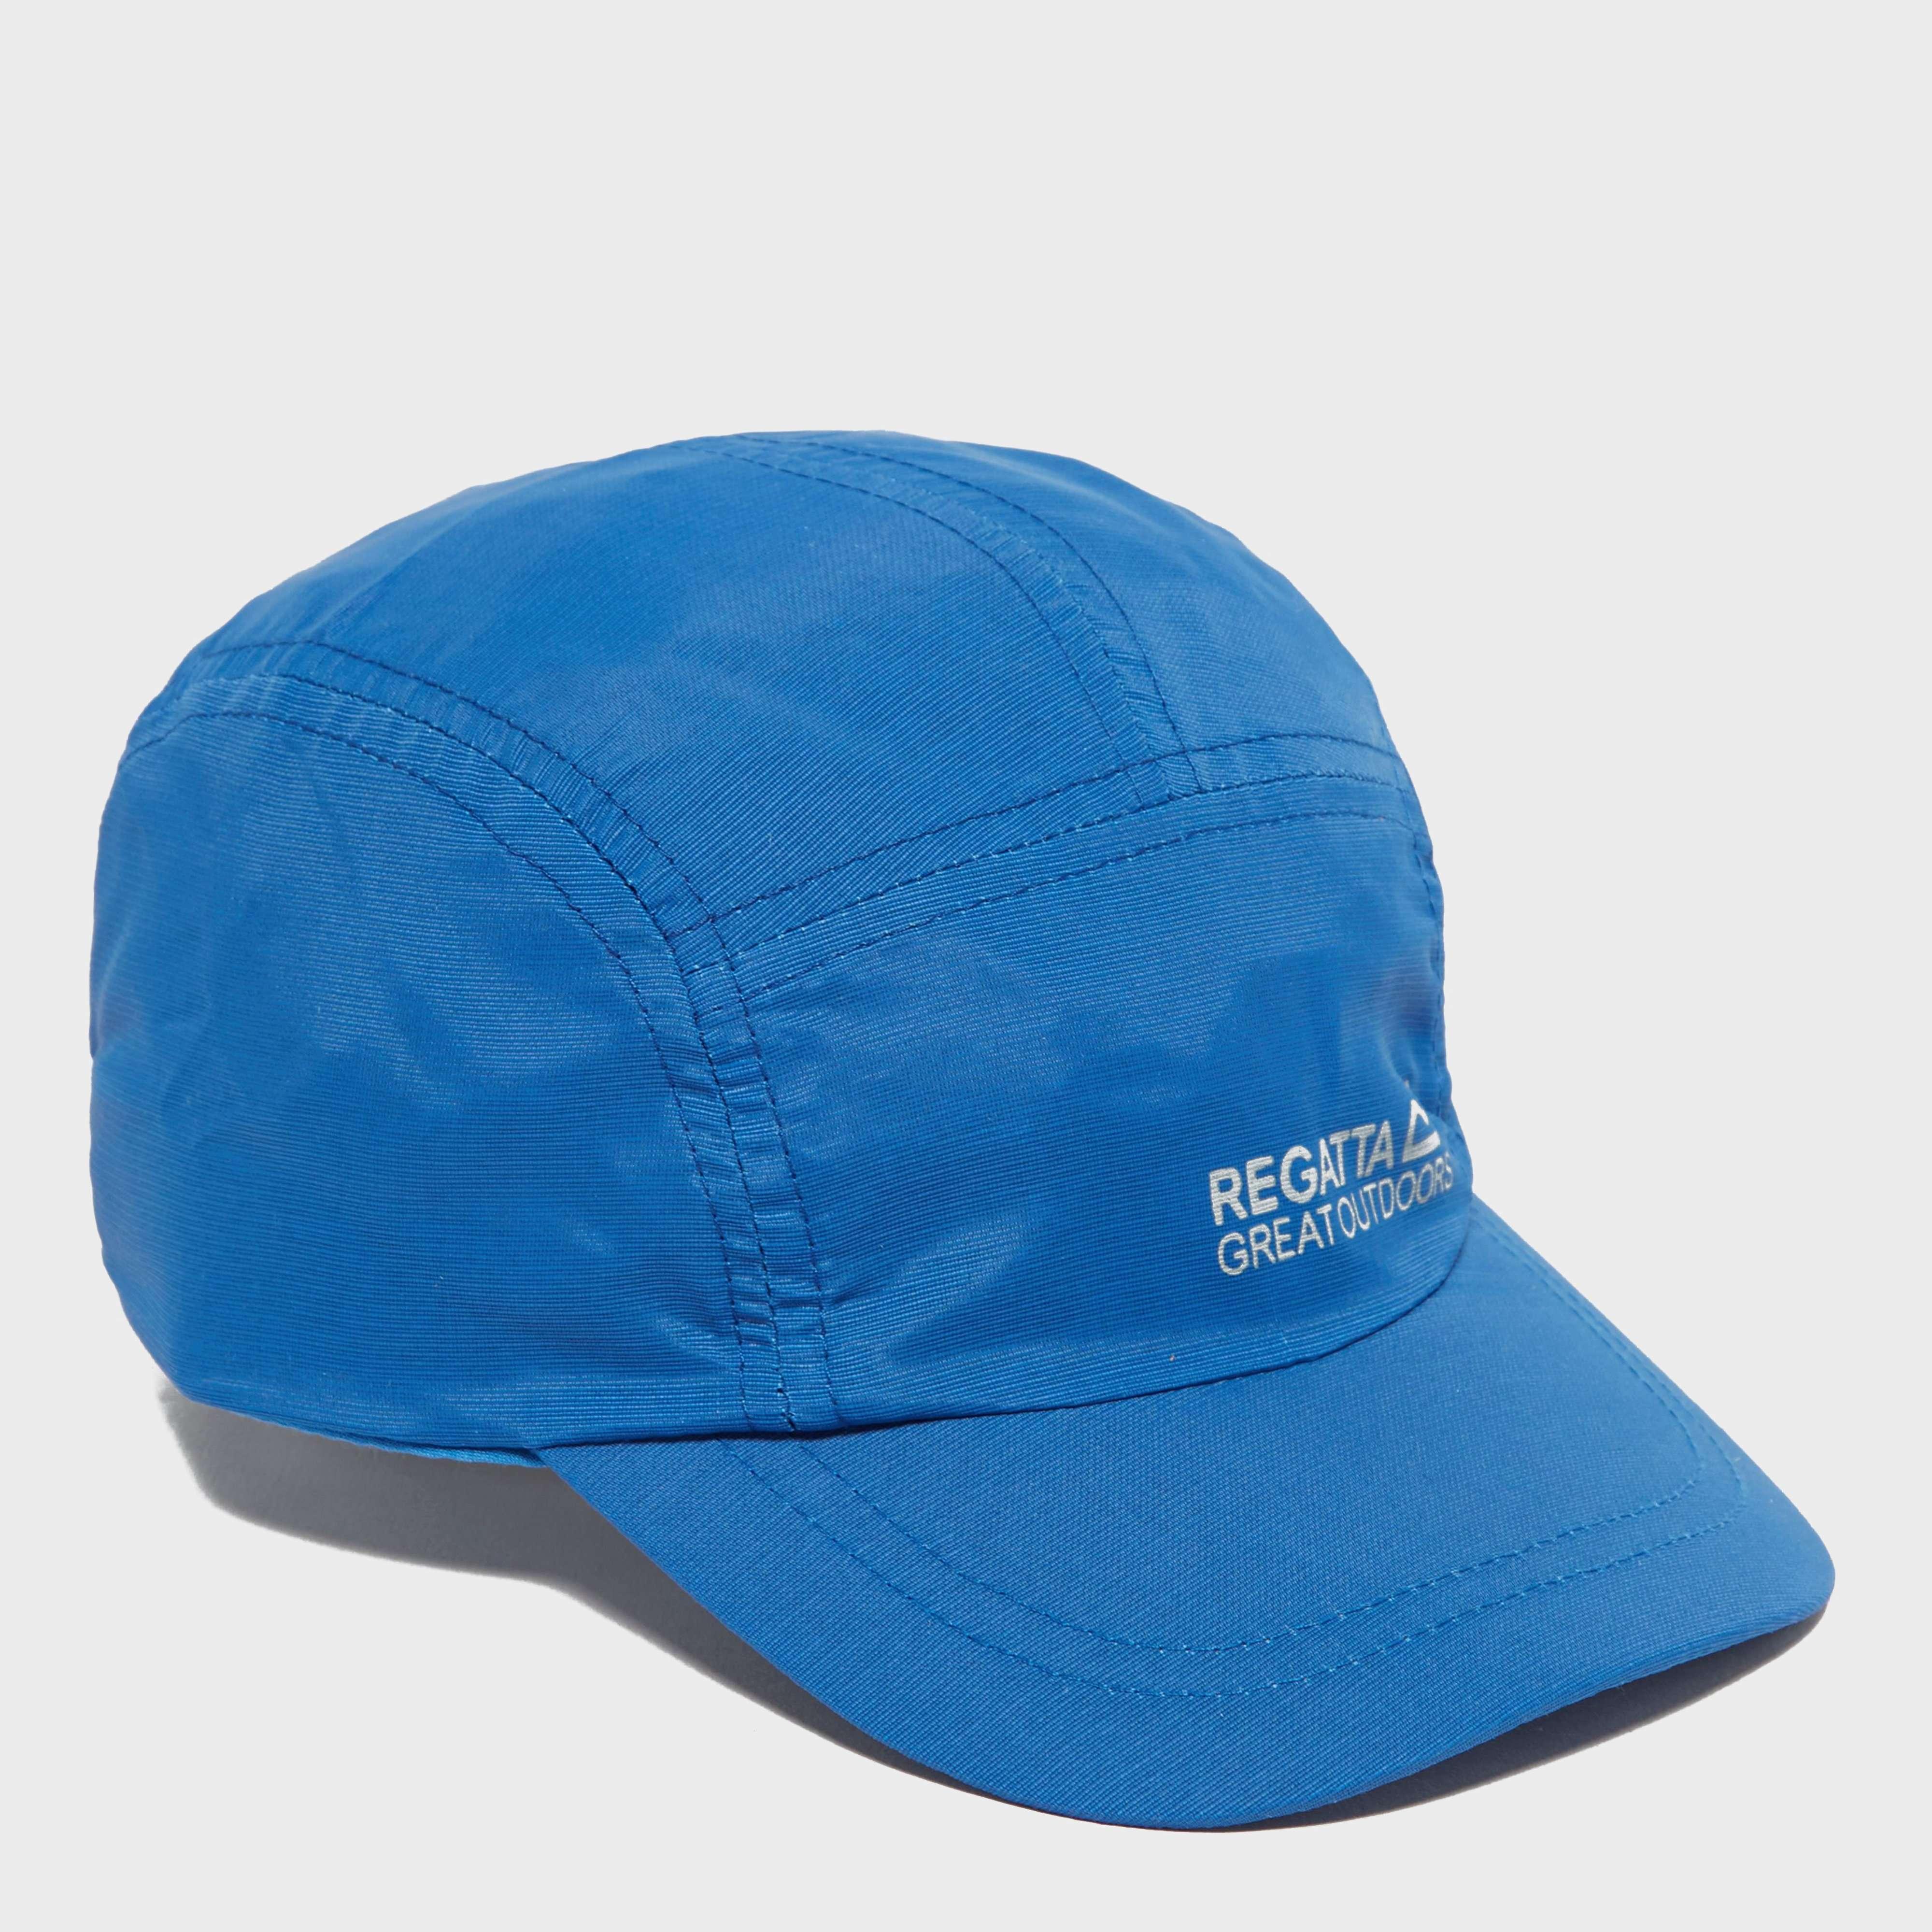 REGATTA Boys' Melker Cap